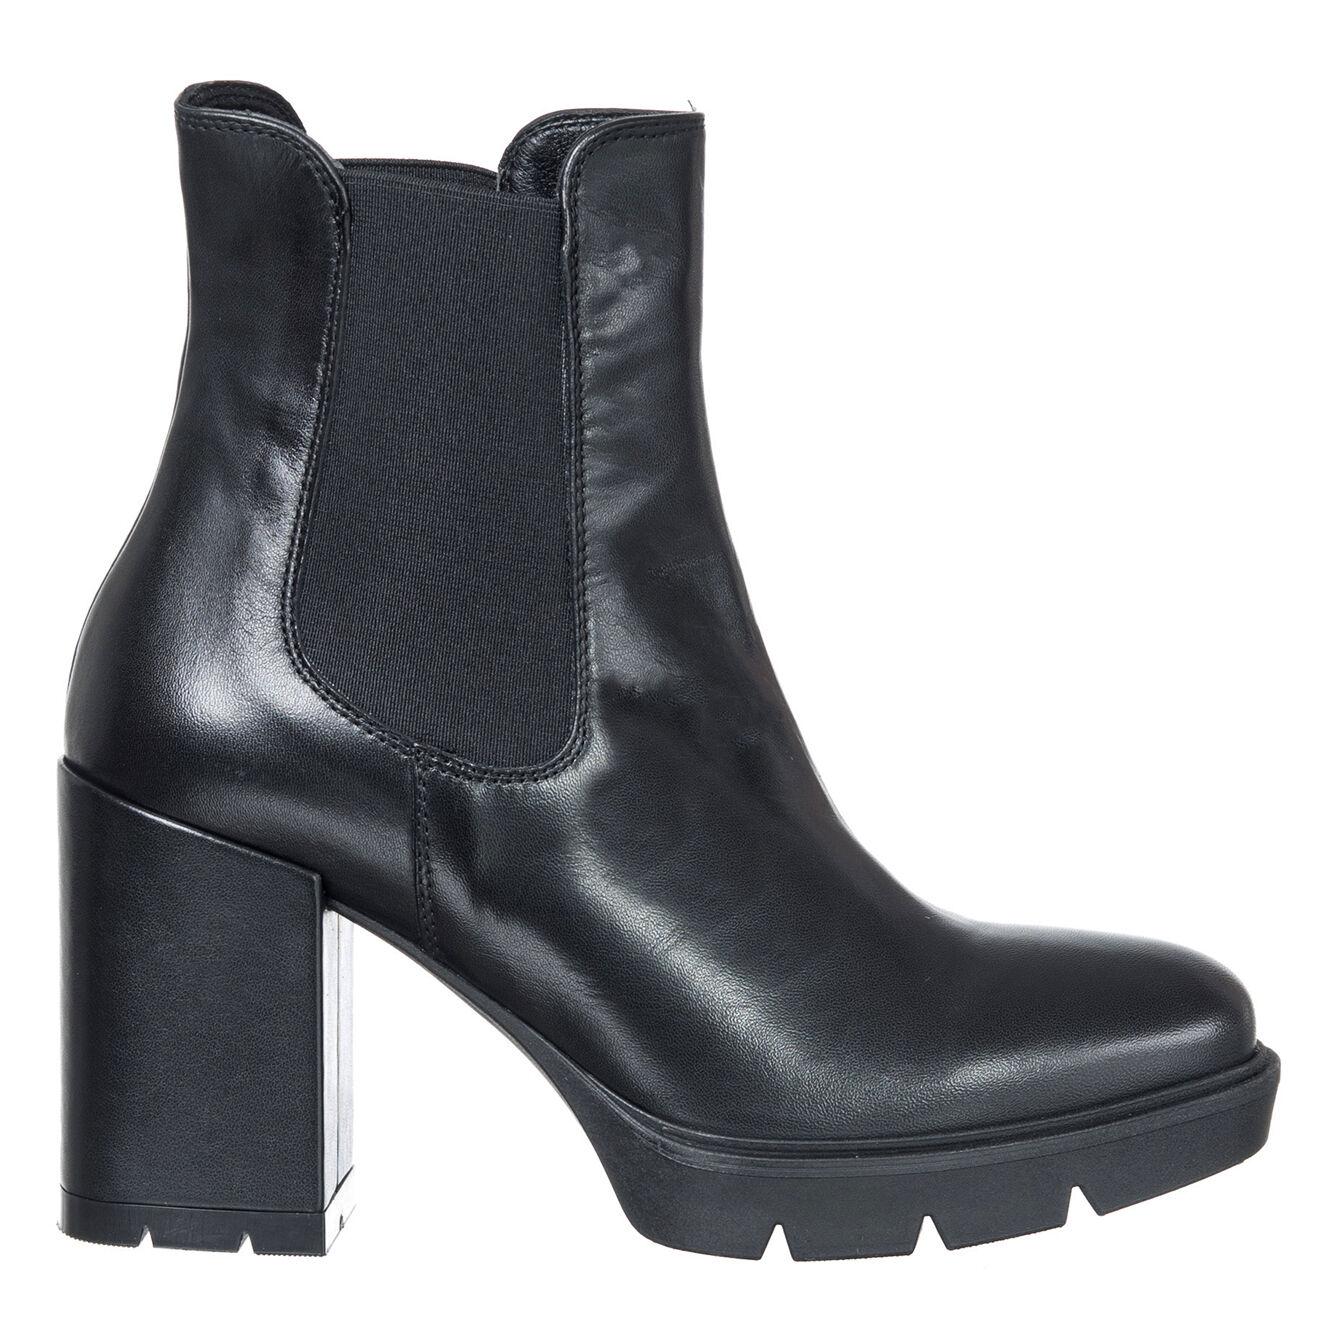 Chelsea boots en Cuir Inna noires - Talon 8 cm